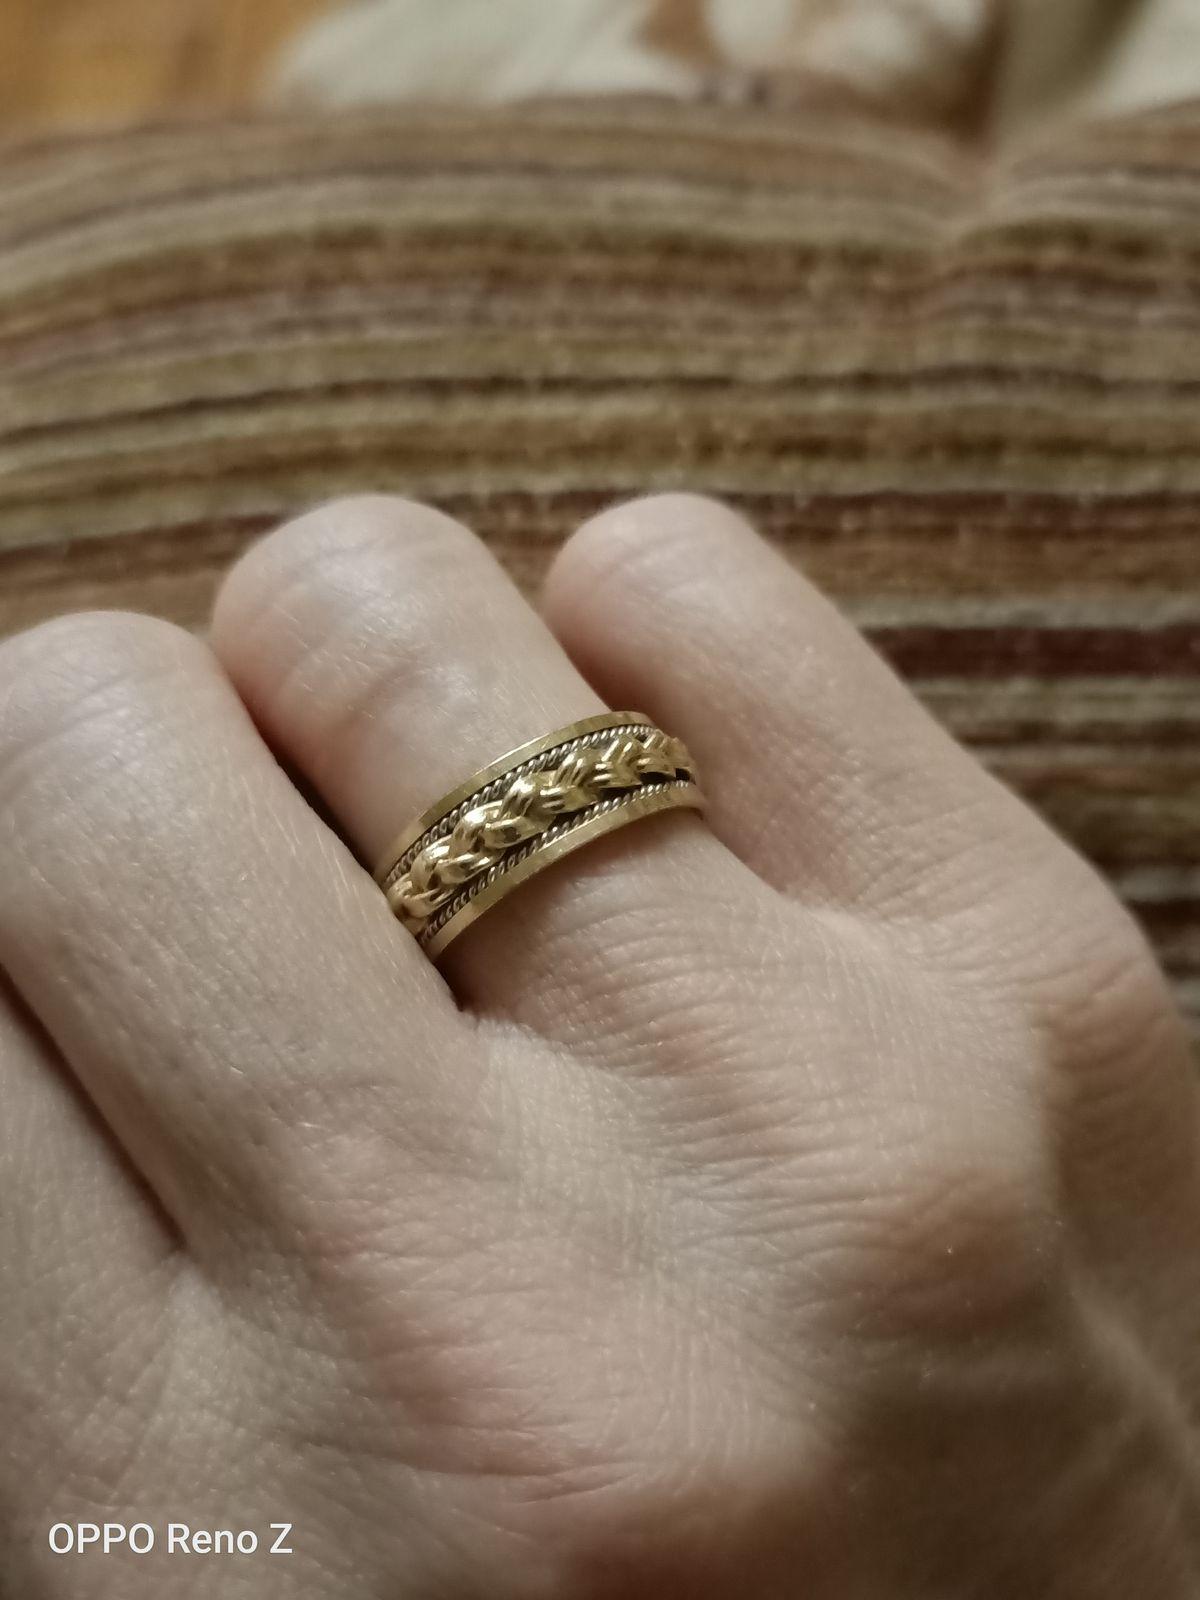 Великолепное обручальное кольцо!